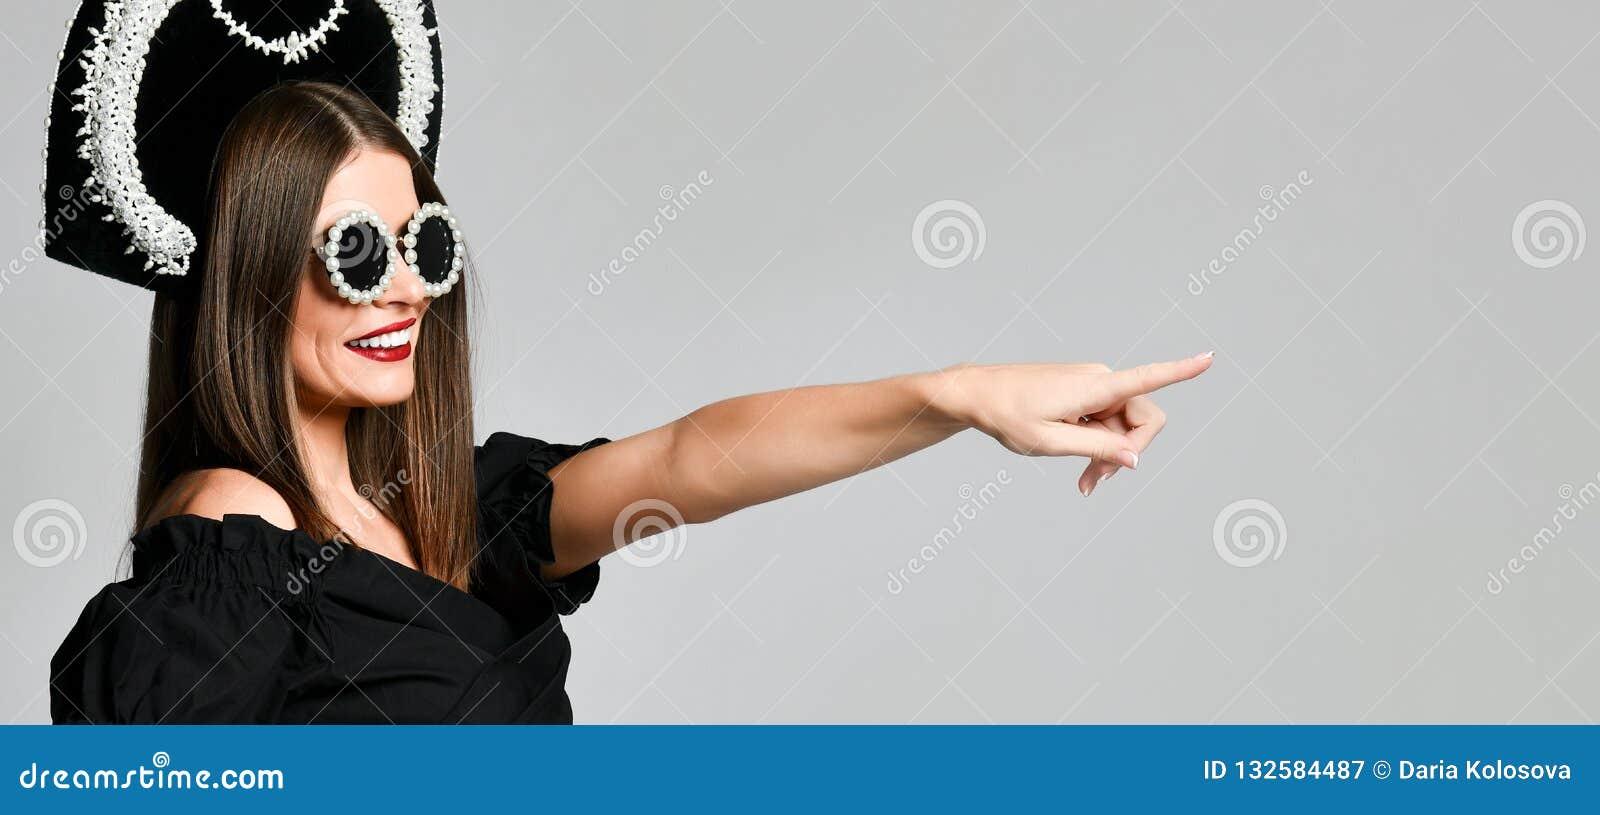 Eleganza e stile Ritratto dello studio della giovane donna splendida in poco vestito nero che posa contro il fondo giallo